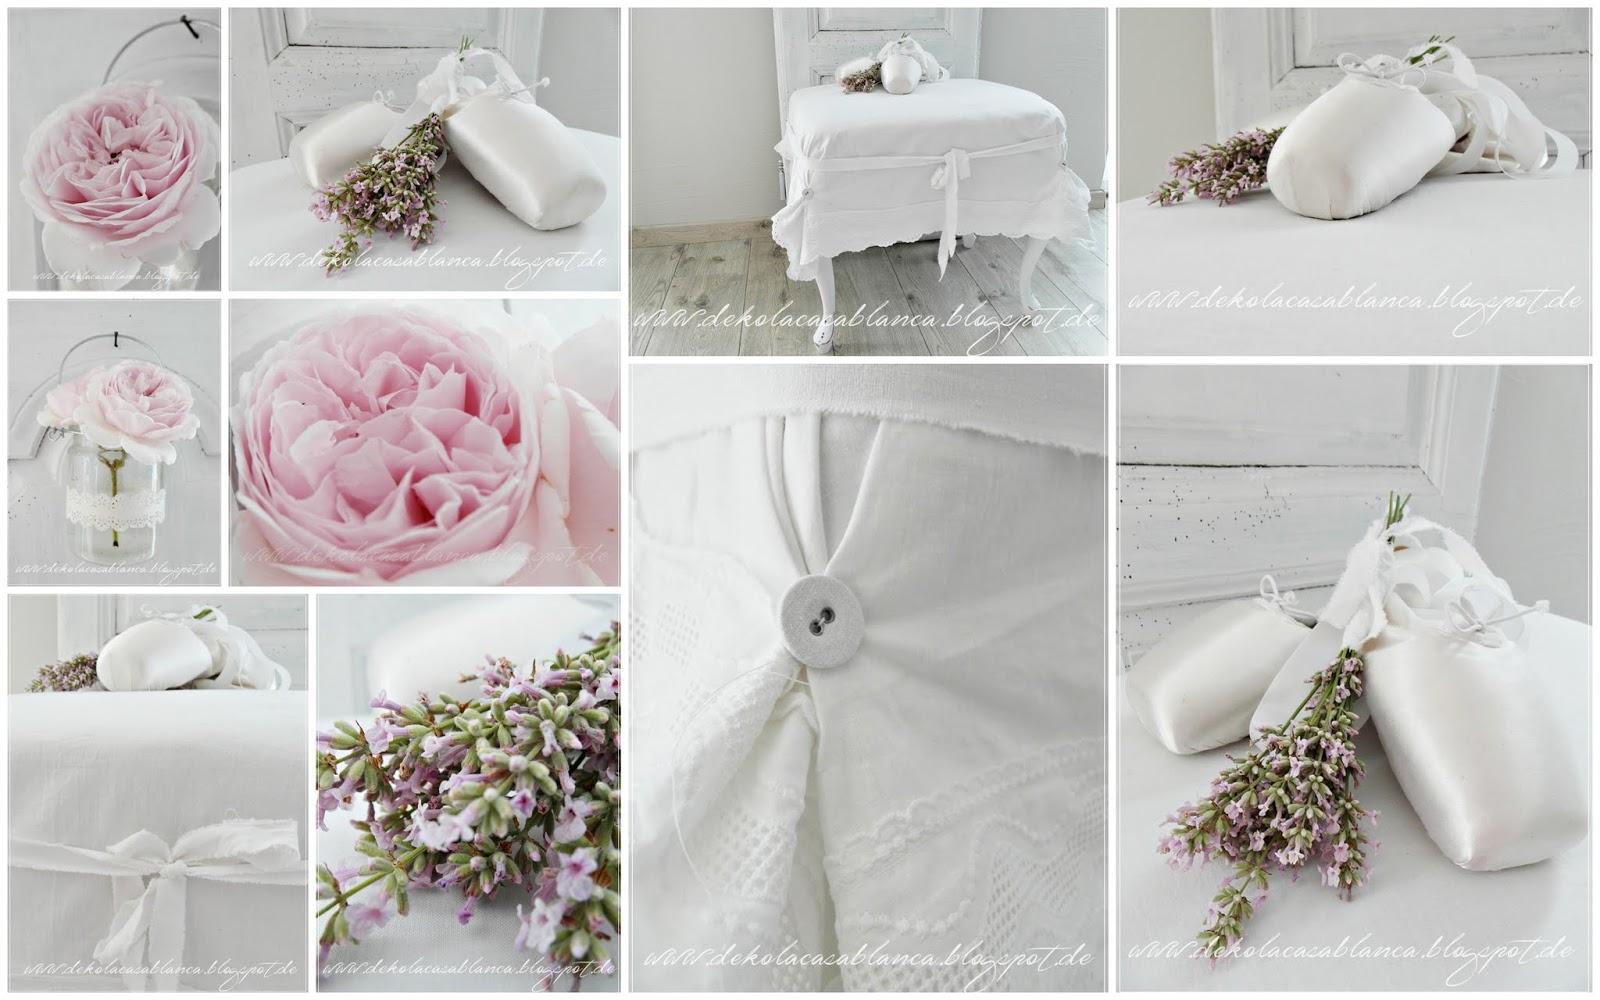 Blumen+und+Deko.jpg (1600×1000) Shabby Chic Pinterest